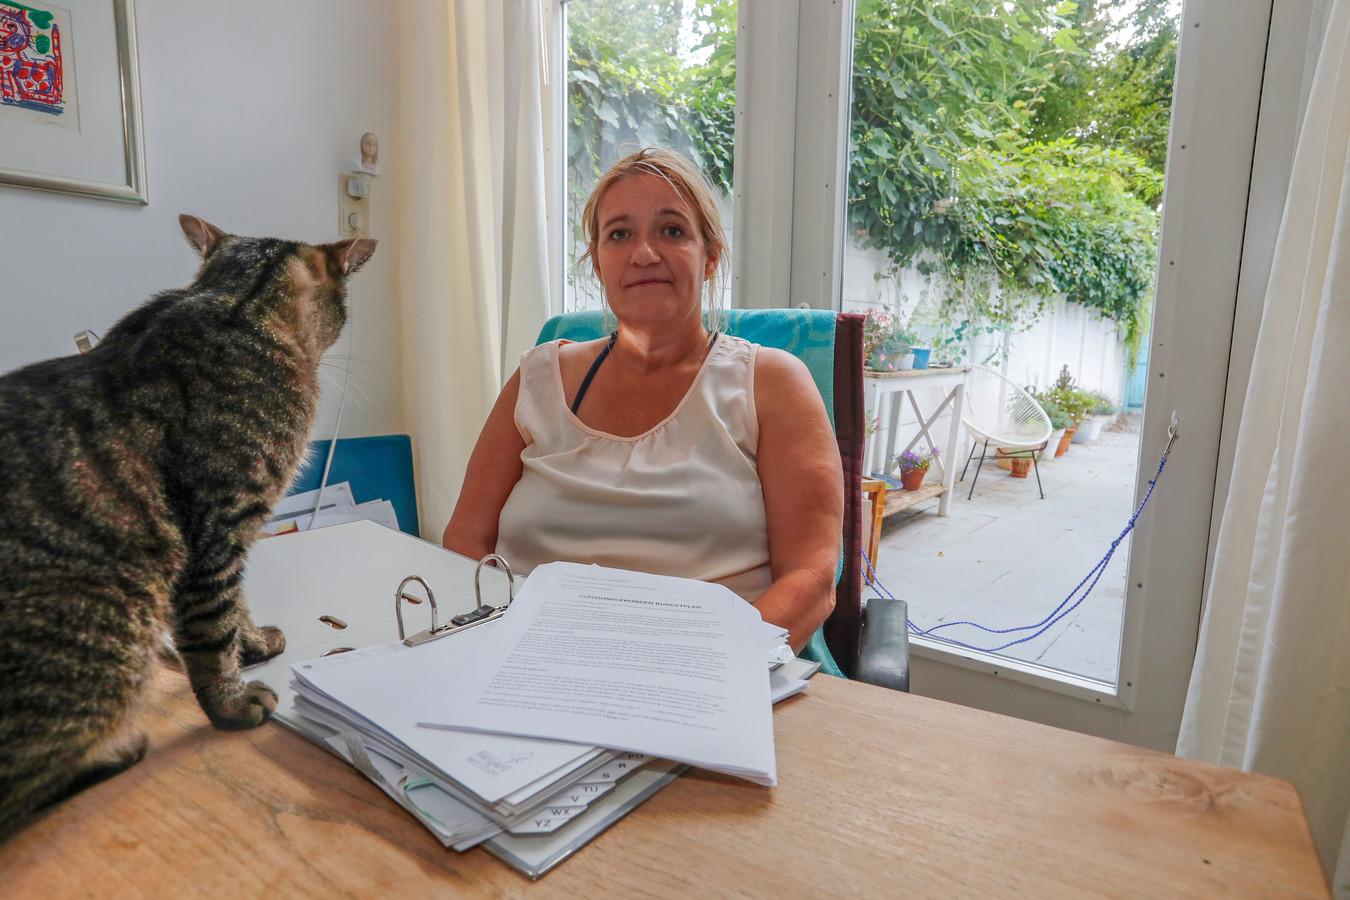 Juliëtte Perrée toont het dossier dat nodig is om een persoonsgebonden budget te verlengen.